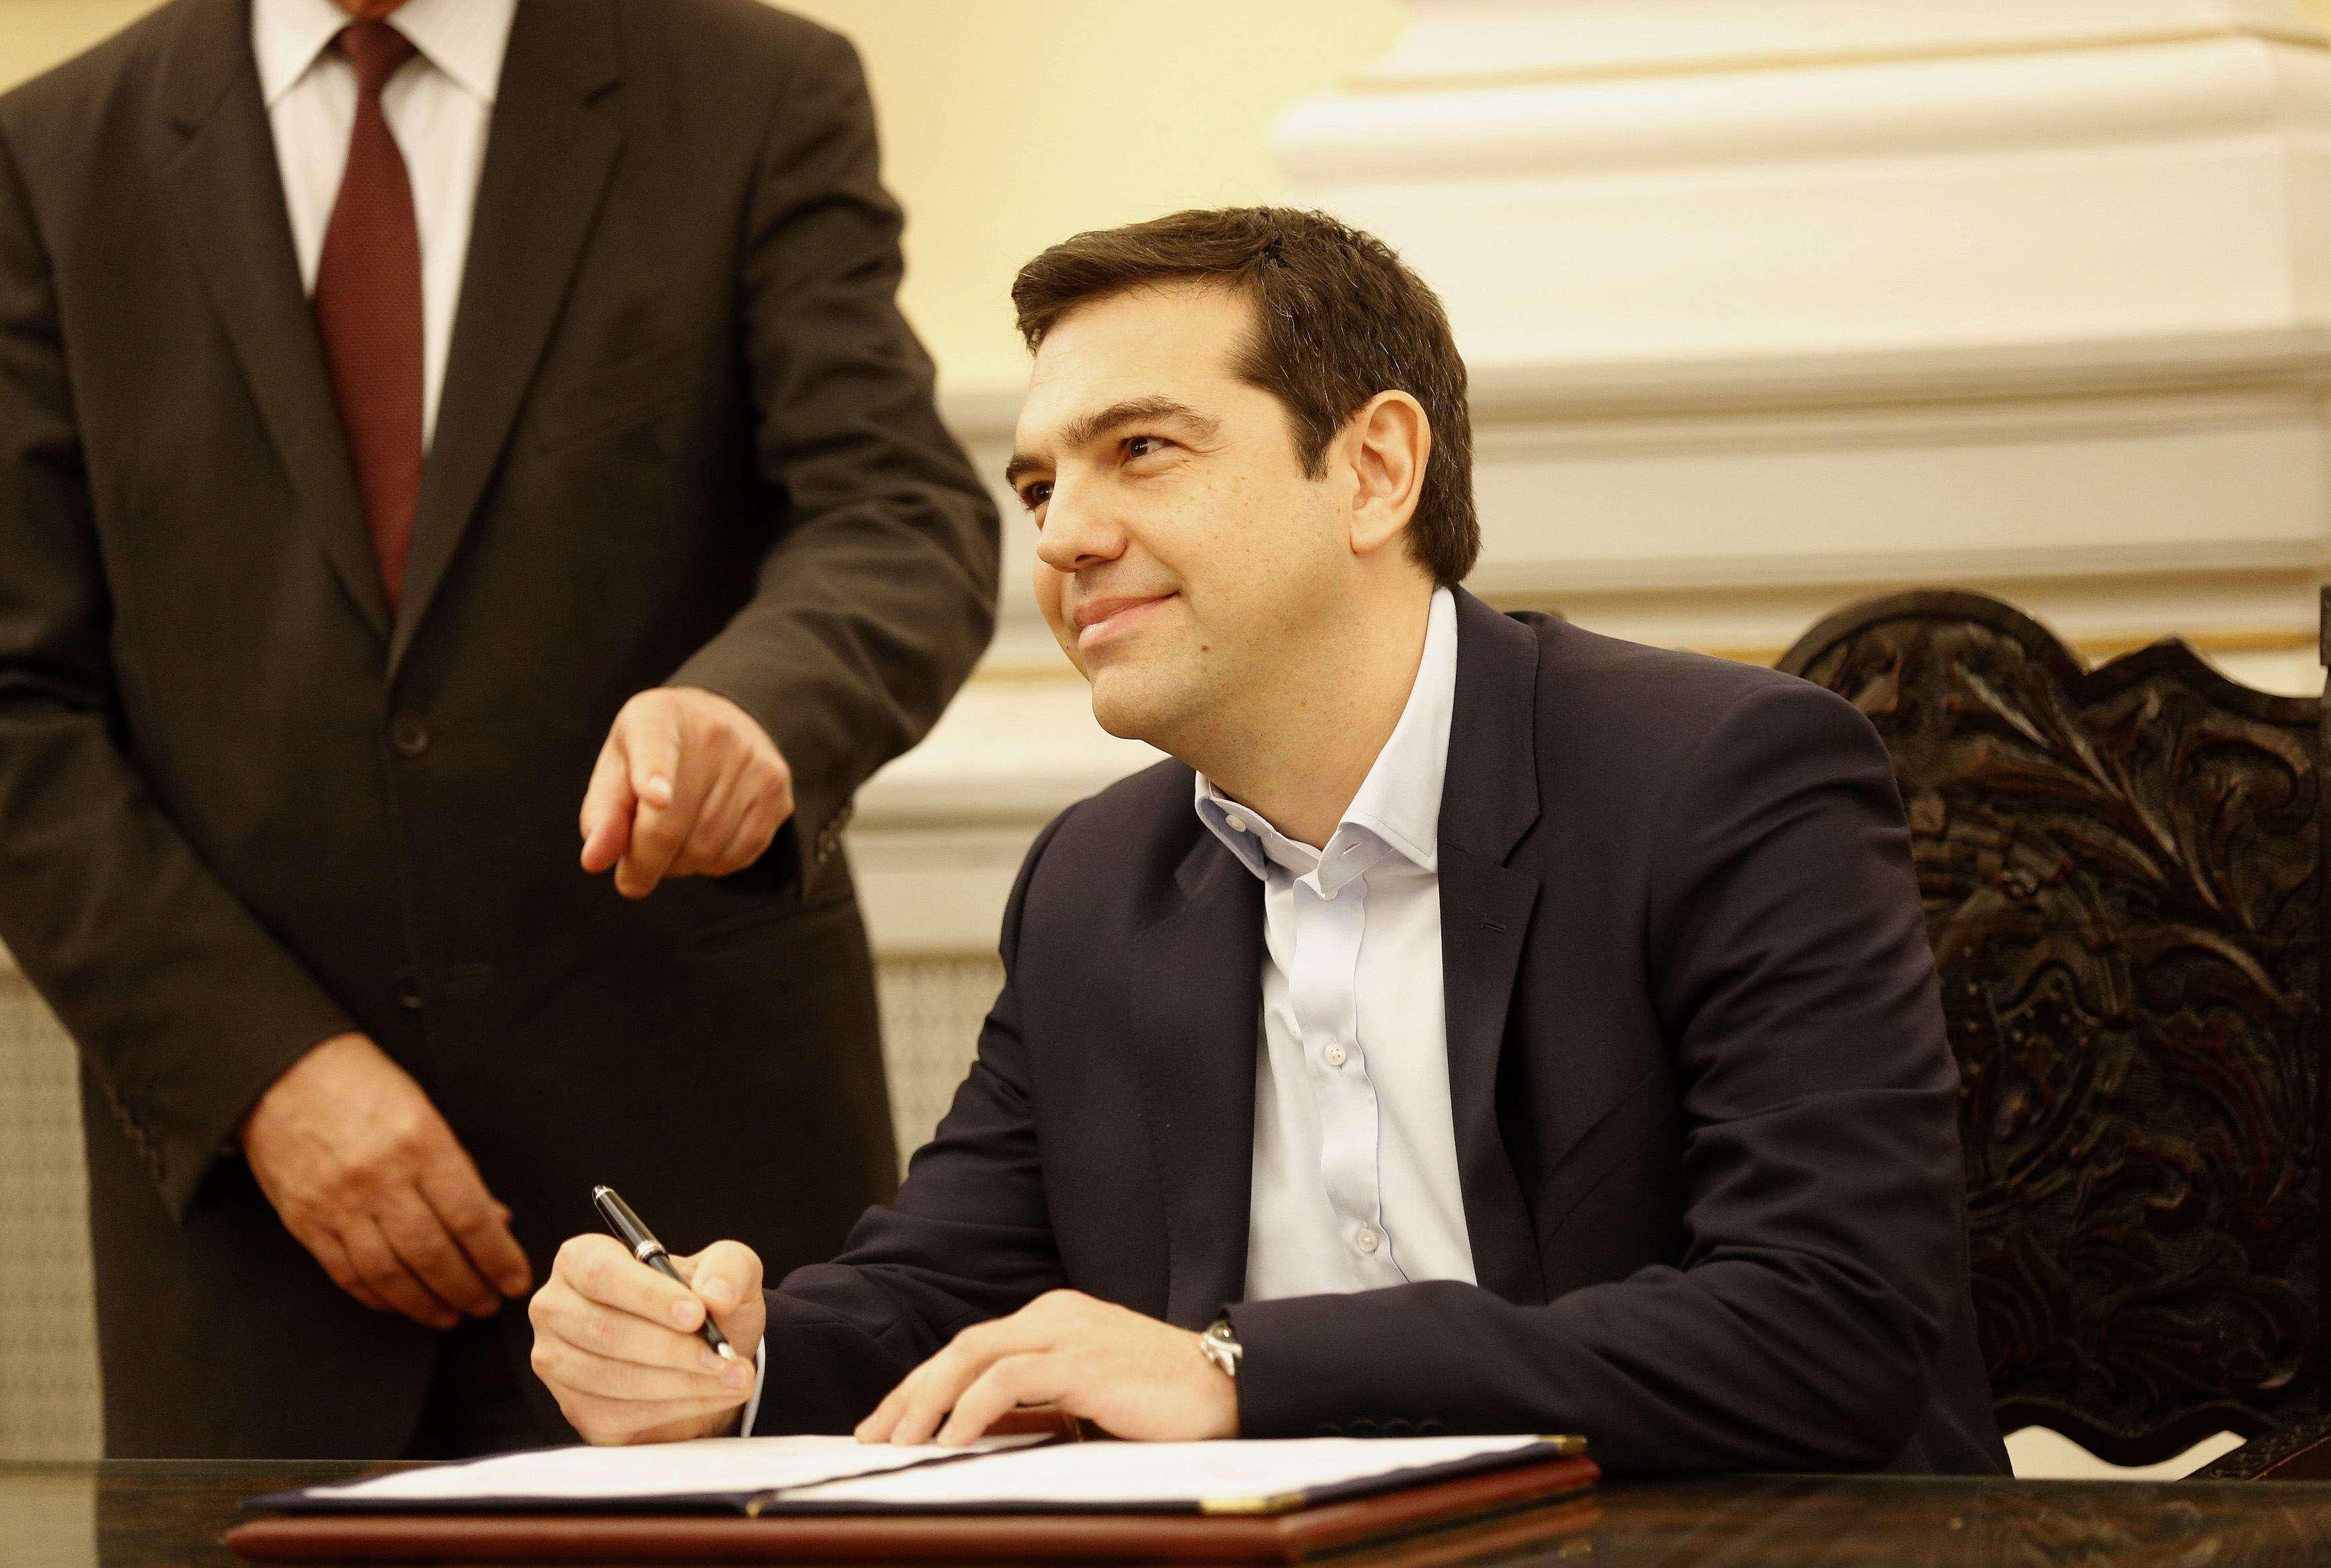 Alexis Tsipras, líder do partido Syriza e vencedor das eleições legislativas gregas, assina os papéis nomeando-o como o primeiro-ministro de esquerda da Grécia depois de sua cerimônia de posse no palácio presidencial em Atenas, em 26 de janeiro Foto: Yannis Behrakis/Reuters